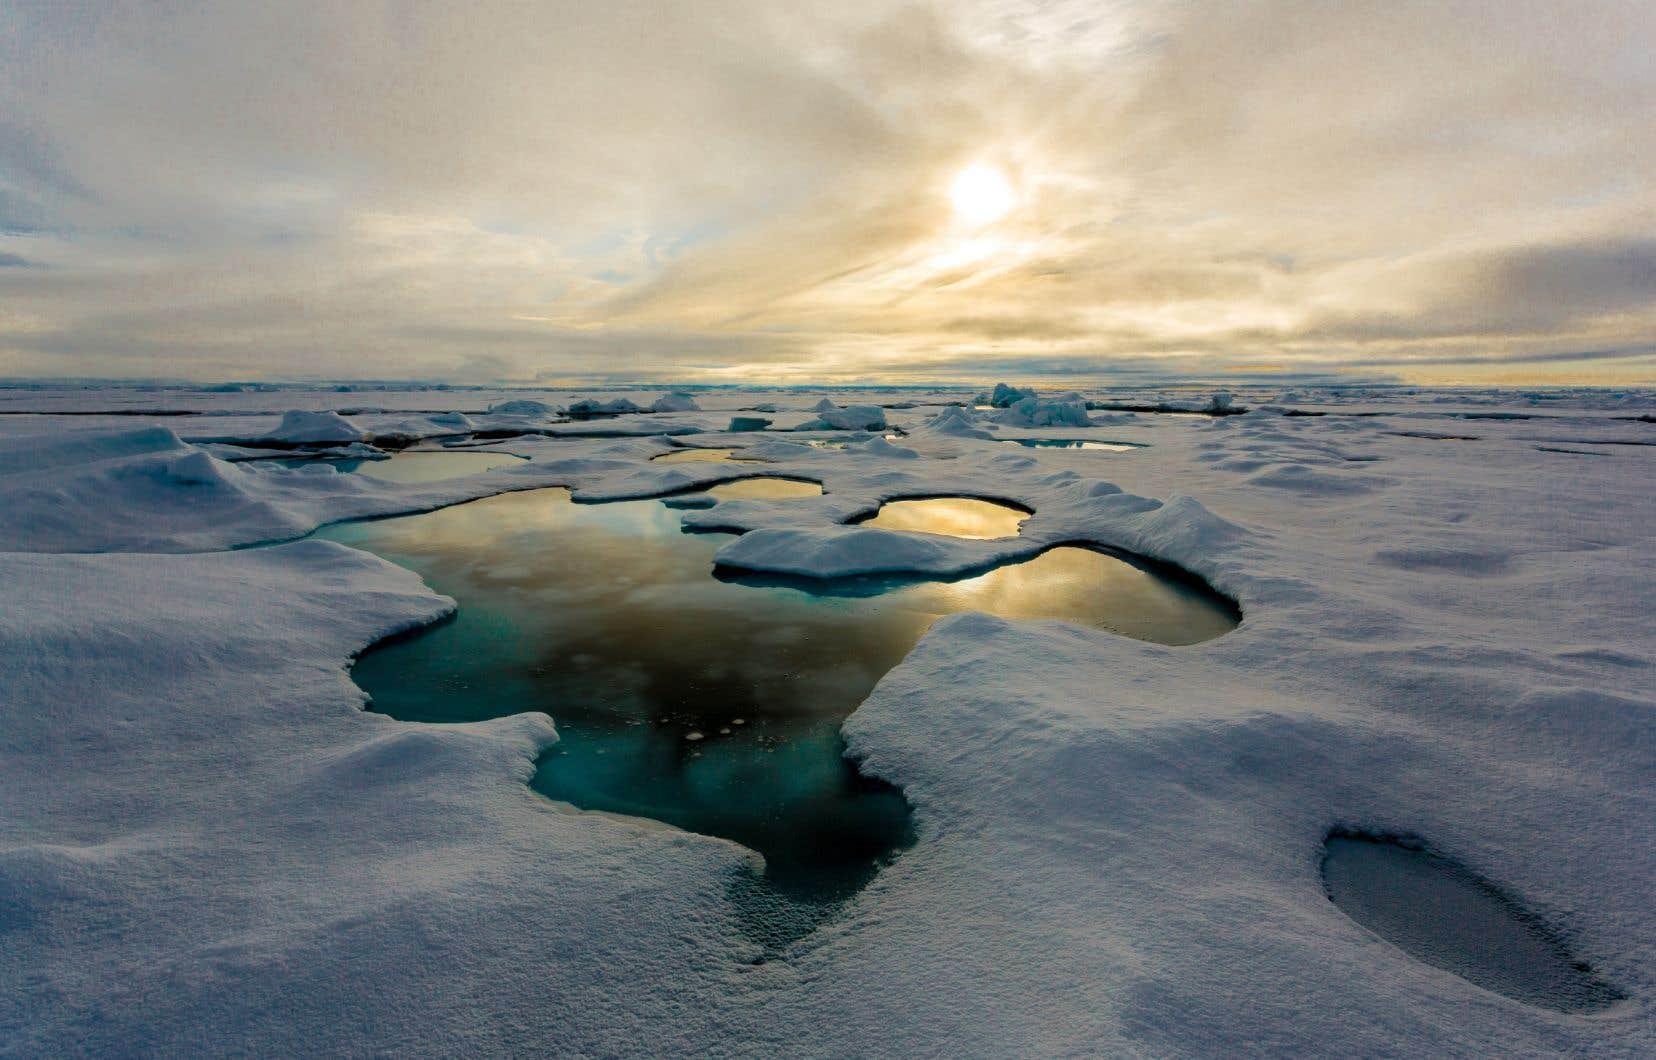 Les chercheurs de l'Institut allemand Alfred Wegener (AWI) ont recueilli des échantillons de glace polaire dans le cadre de trois expéditions menées en 2014 et 2015.